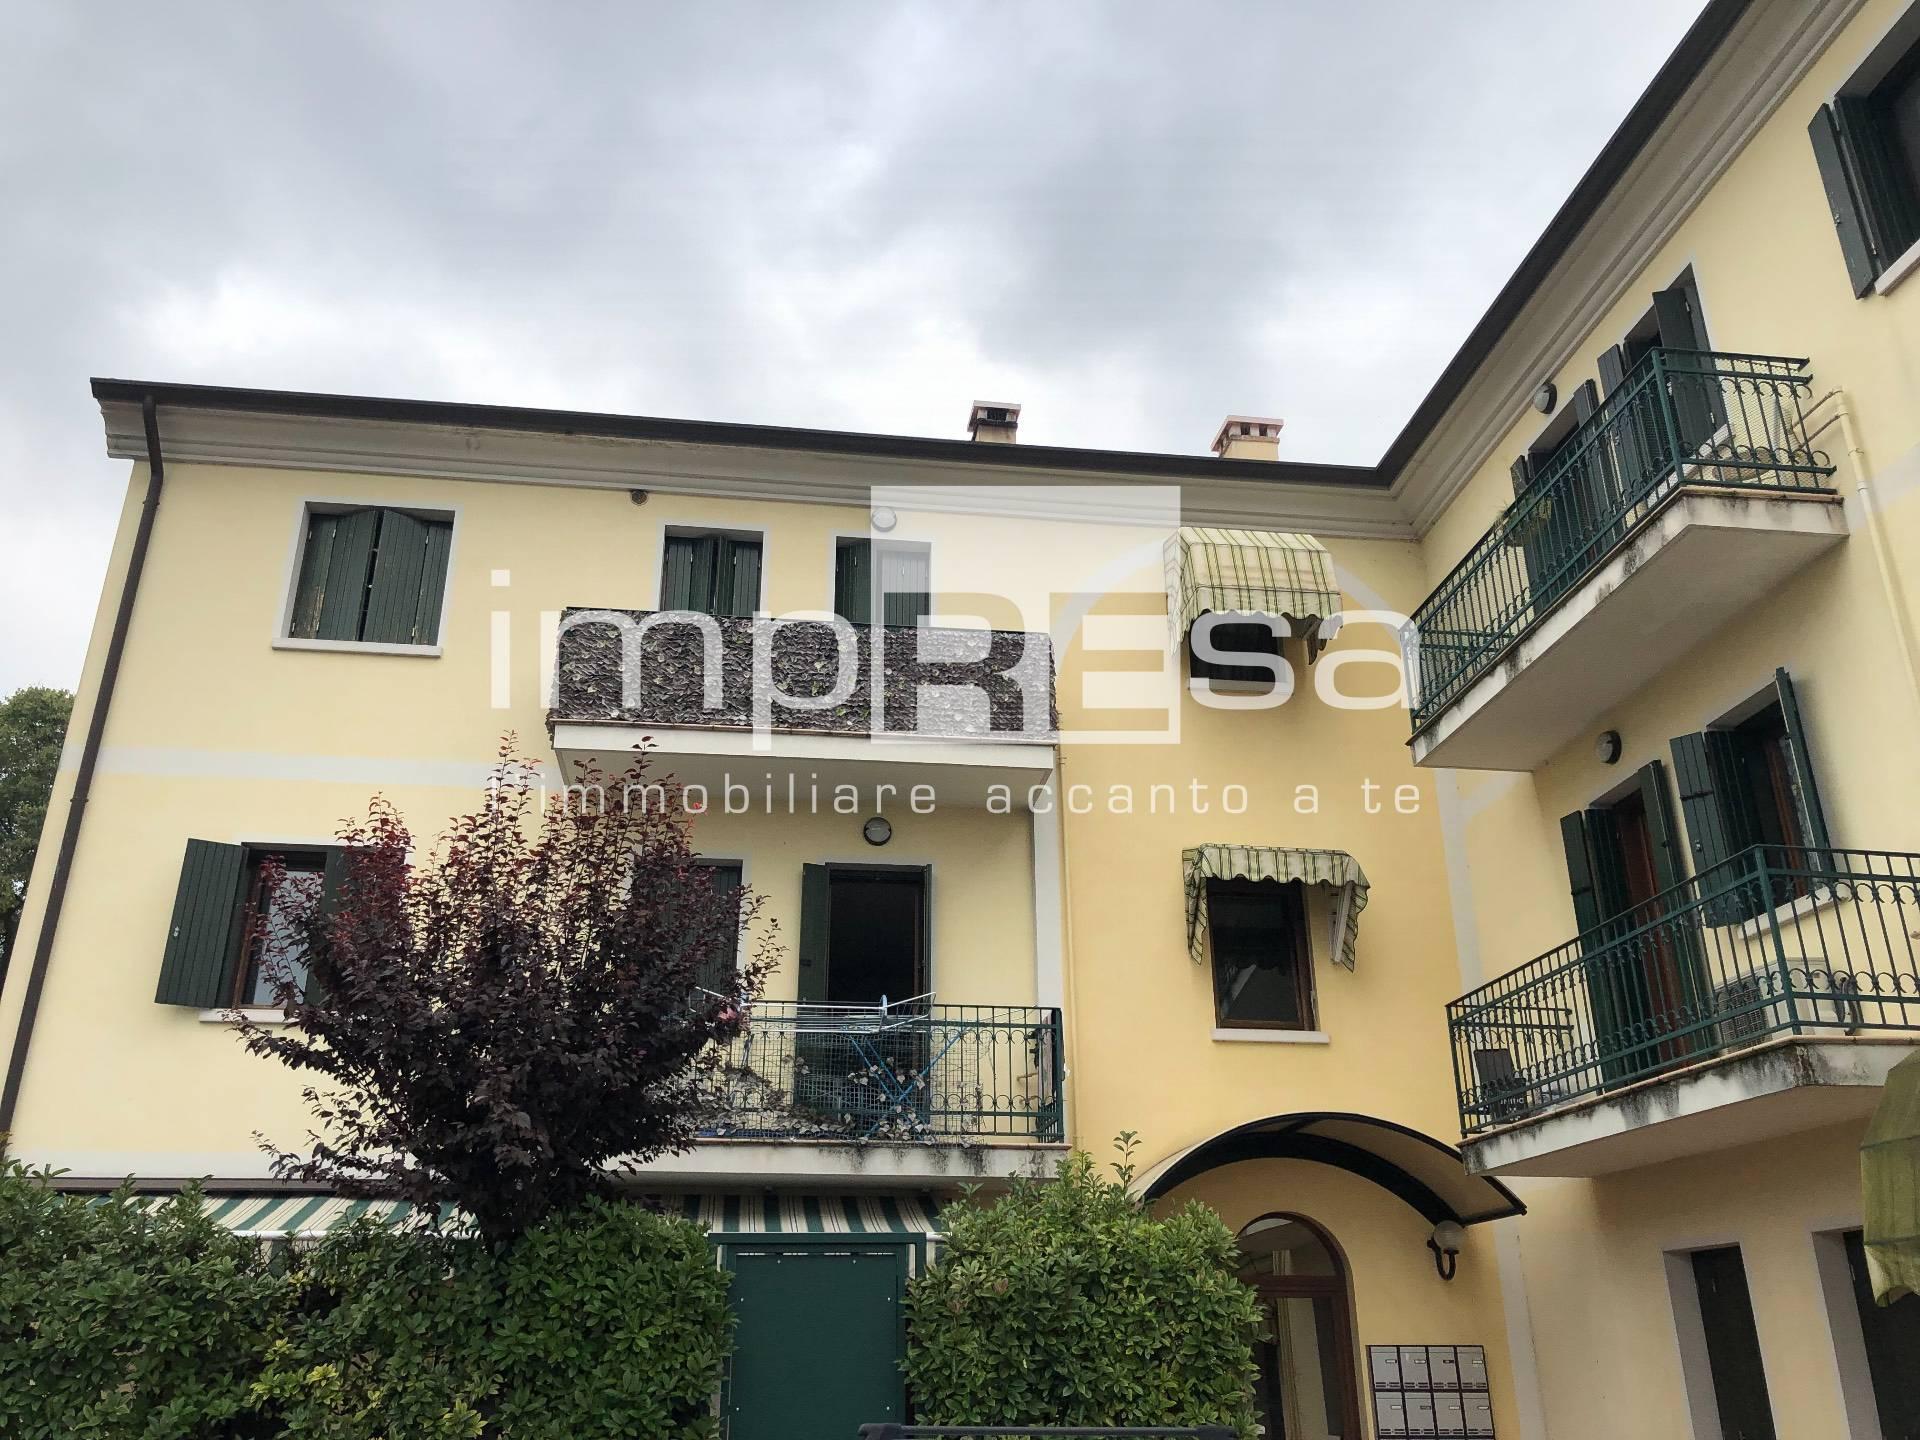 Appartamento in vendita a Spresiano, 5 locali, zona Zona: Visnadello, prezzo € 95.000 | CambioCasa.it